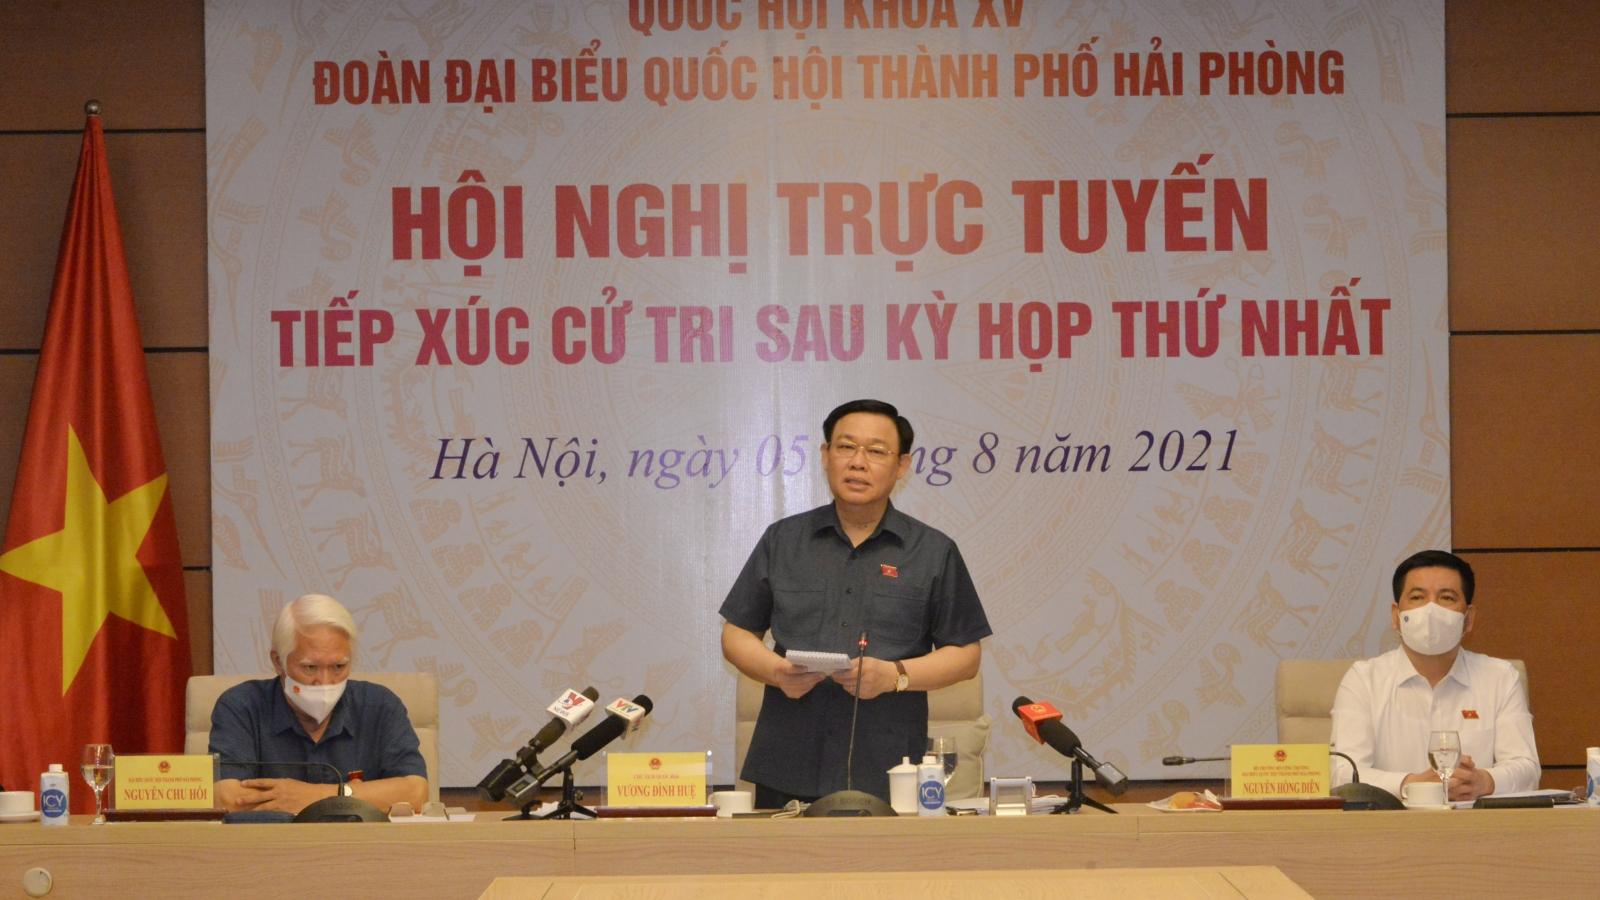 Chủ tịch Quốc hội tiếp xúc trực tuyến cử tri Hải Phòng với hơn 200 điểm cầu